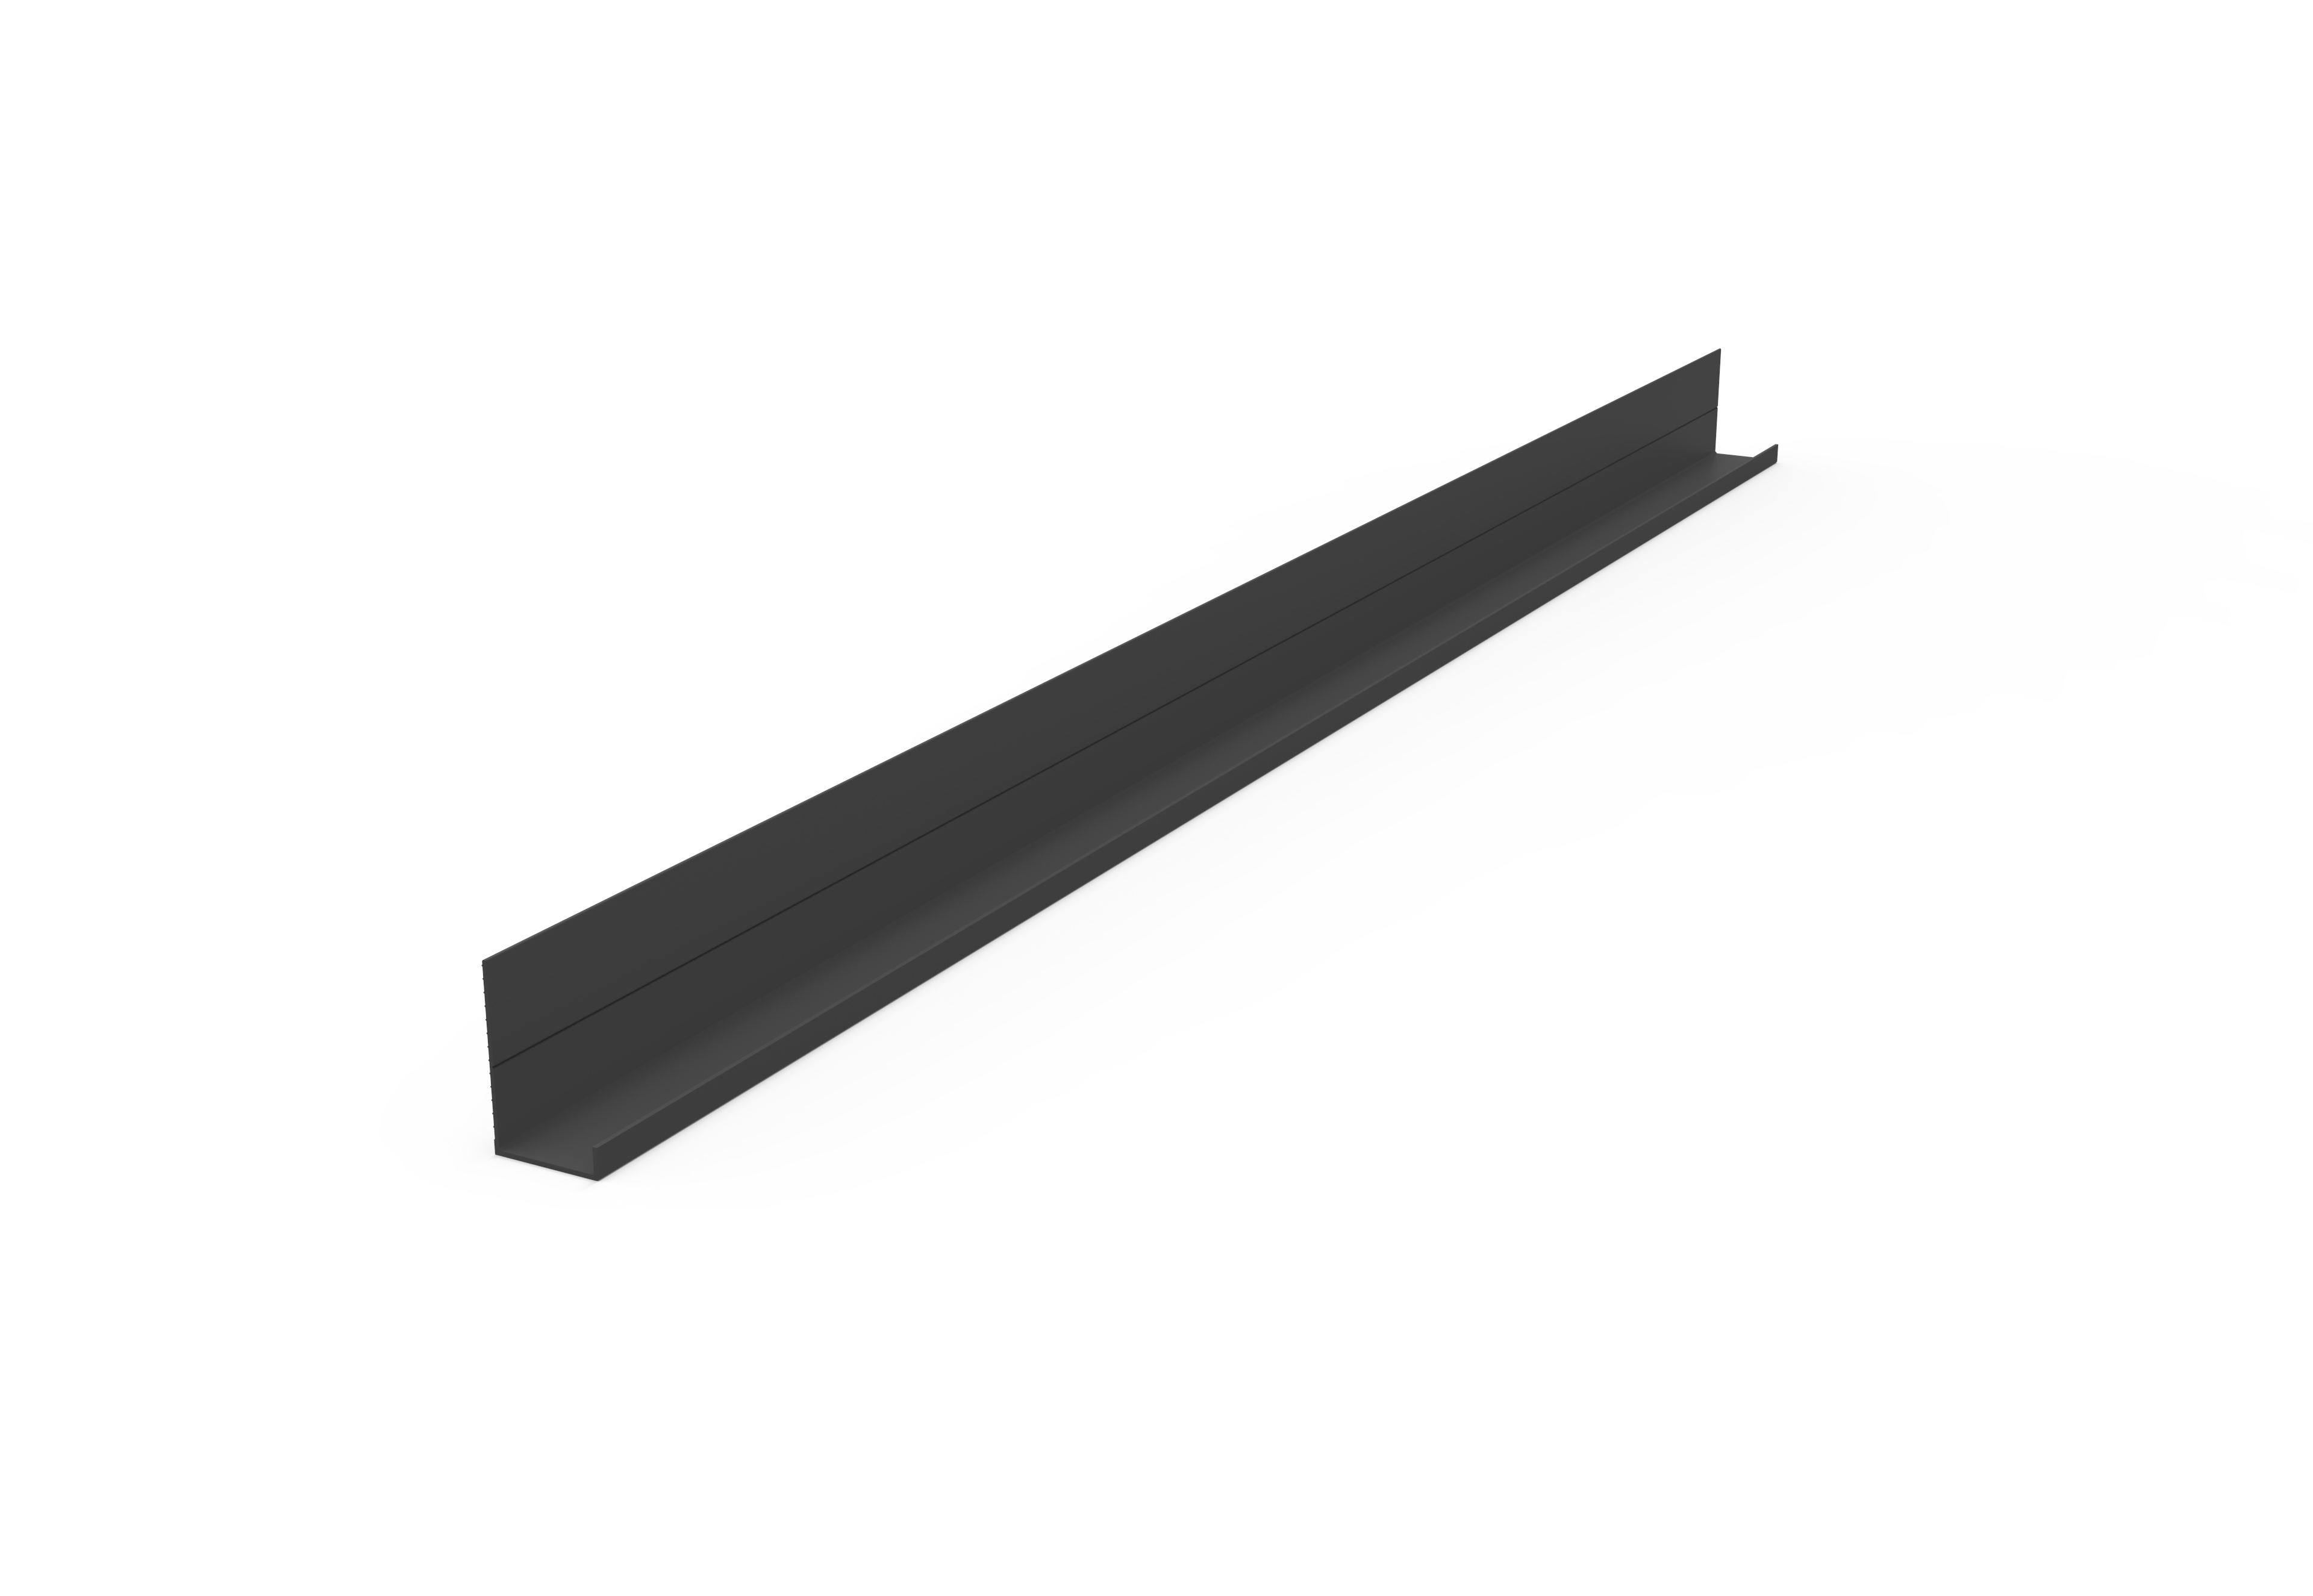 集成吊顶其他配件WBK-18×29无边框边角-氧化哑光黑效果图